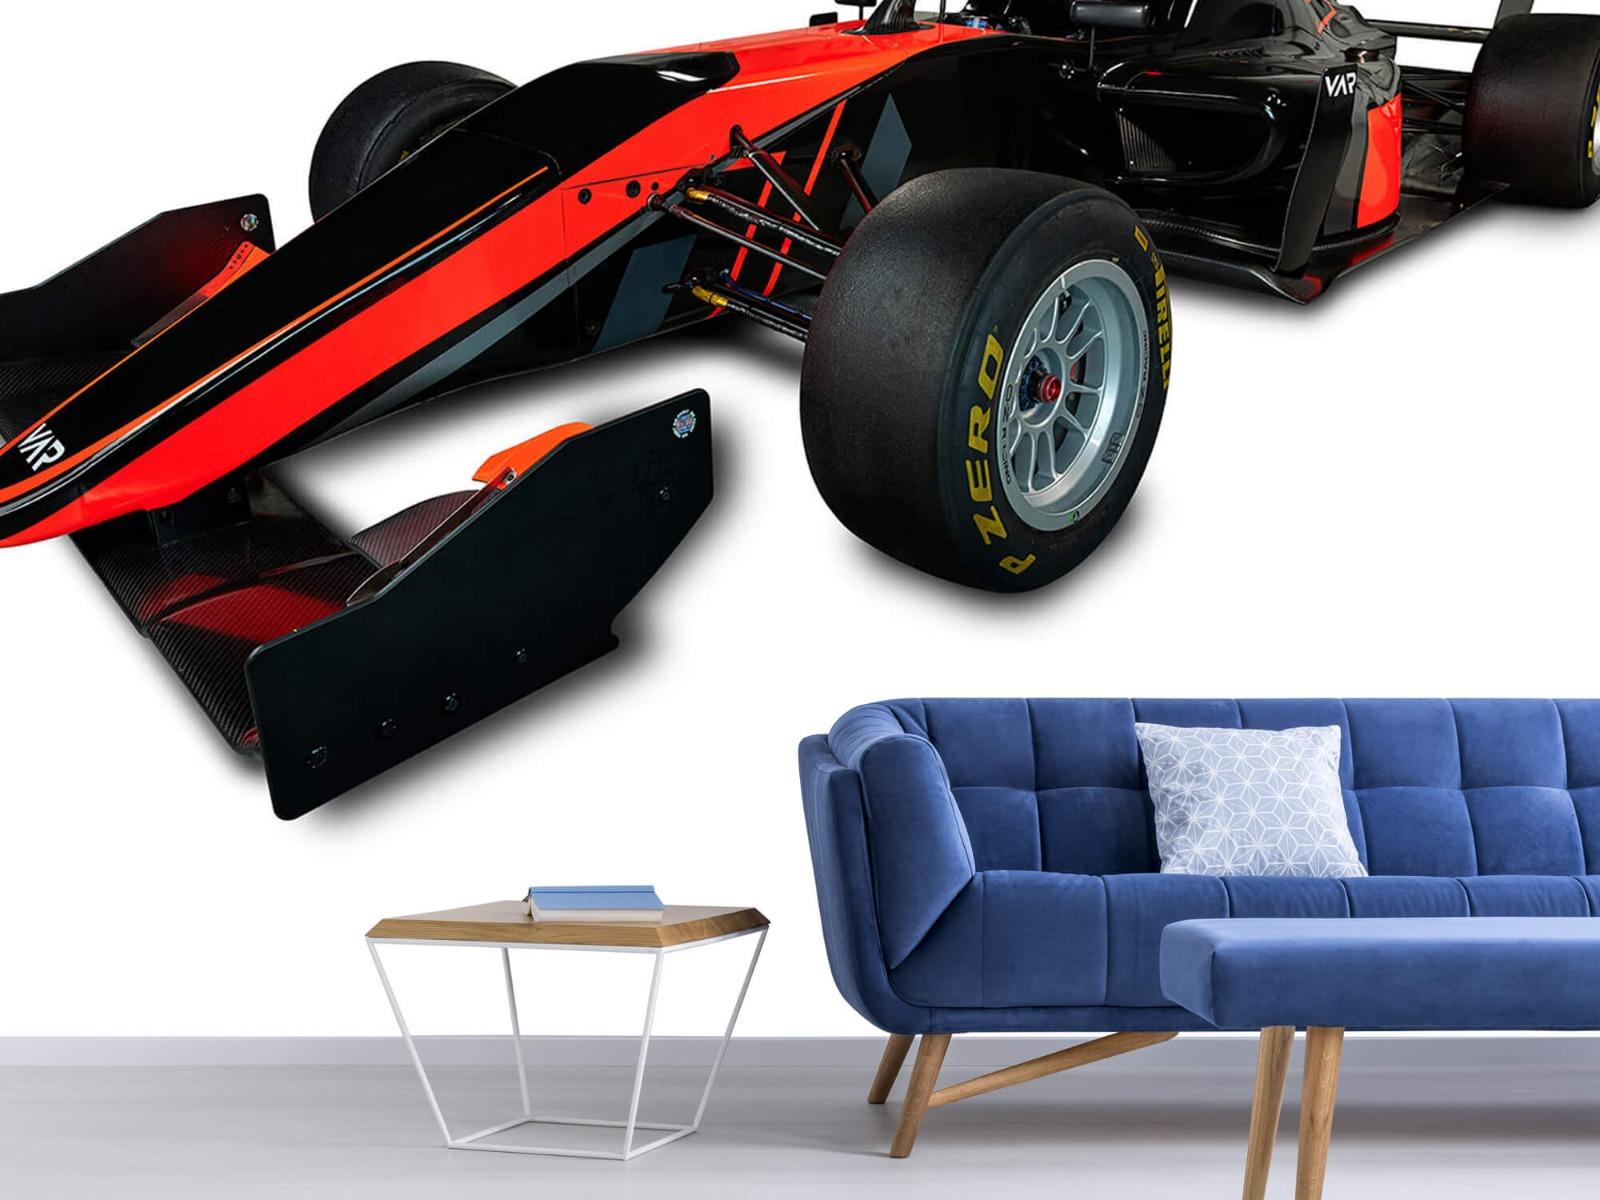 Sportauto's - Formule 3 - Left front view - Tienerkamer 1